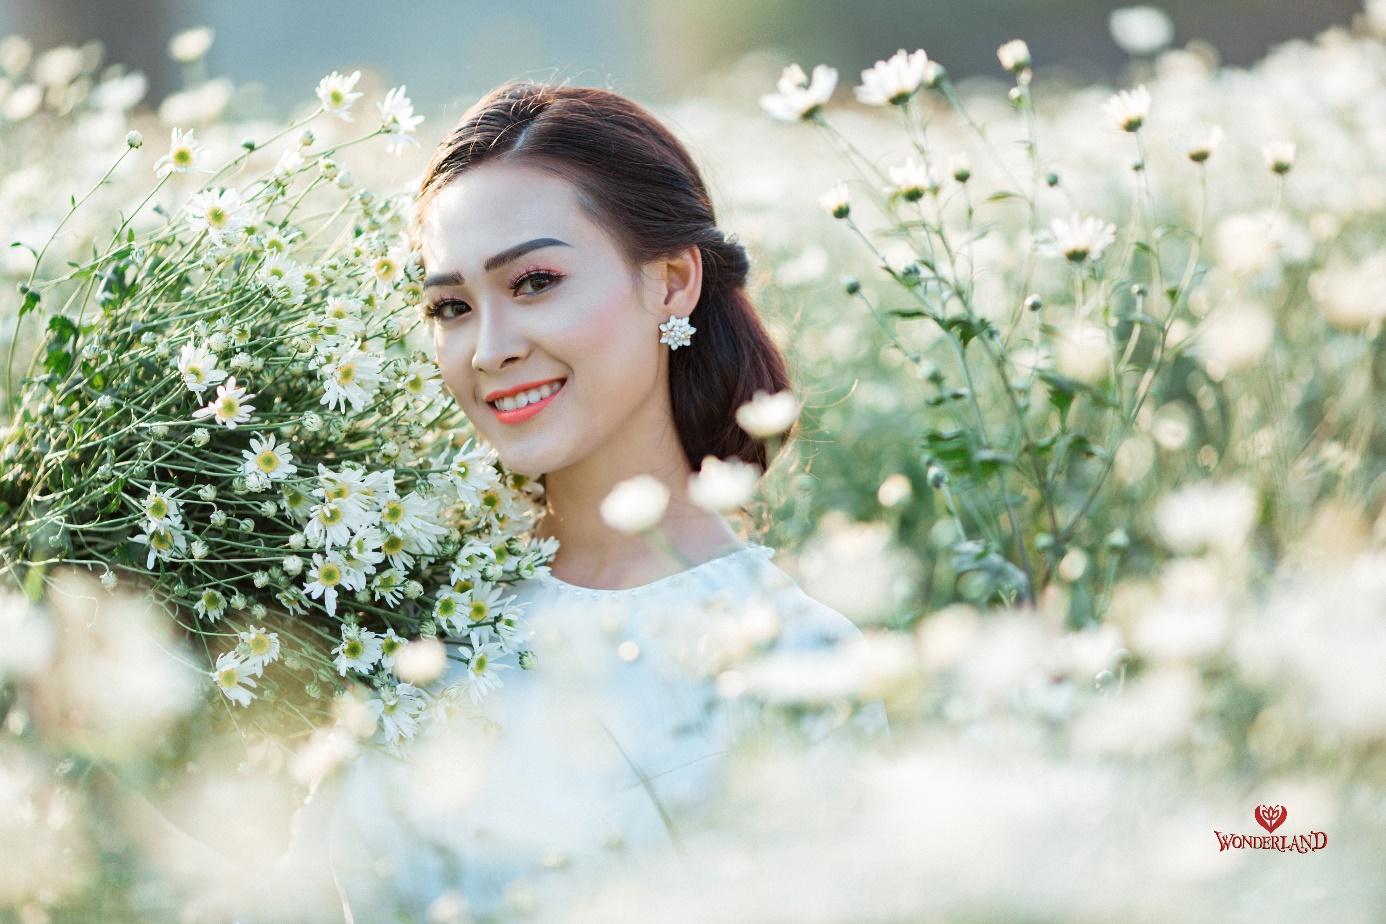 Phim trường Thái Nguyên đang gây sốt với cánh đồng cúc họa mi - Ảnh 1.